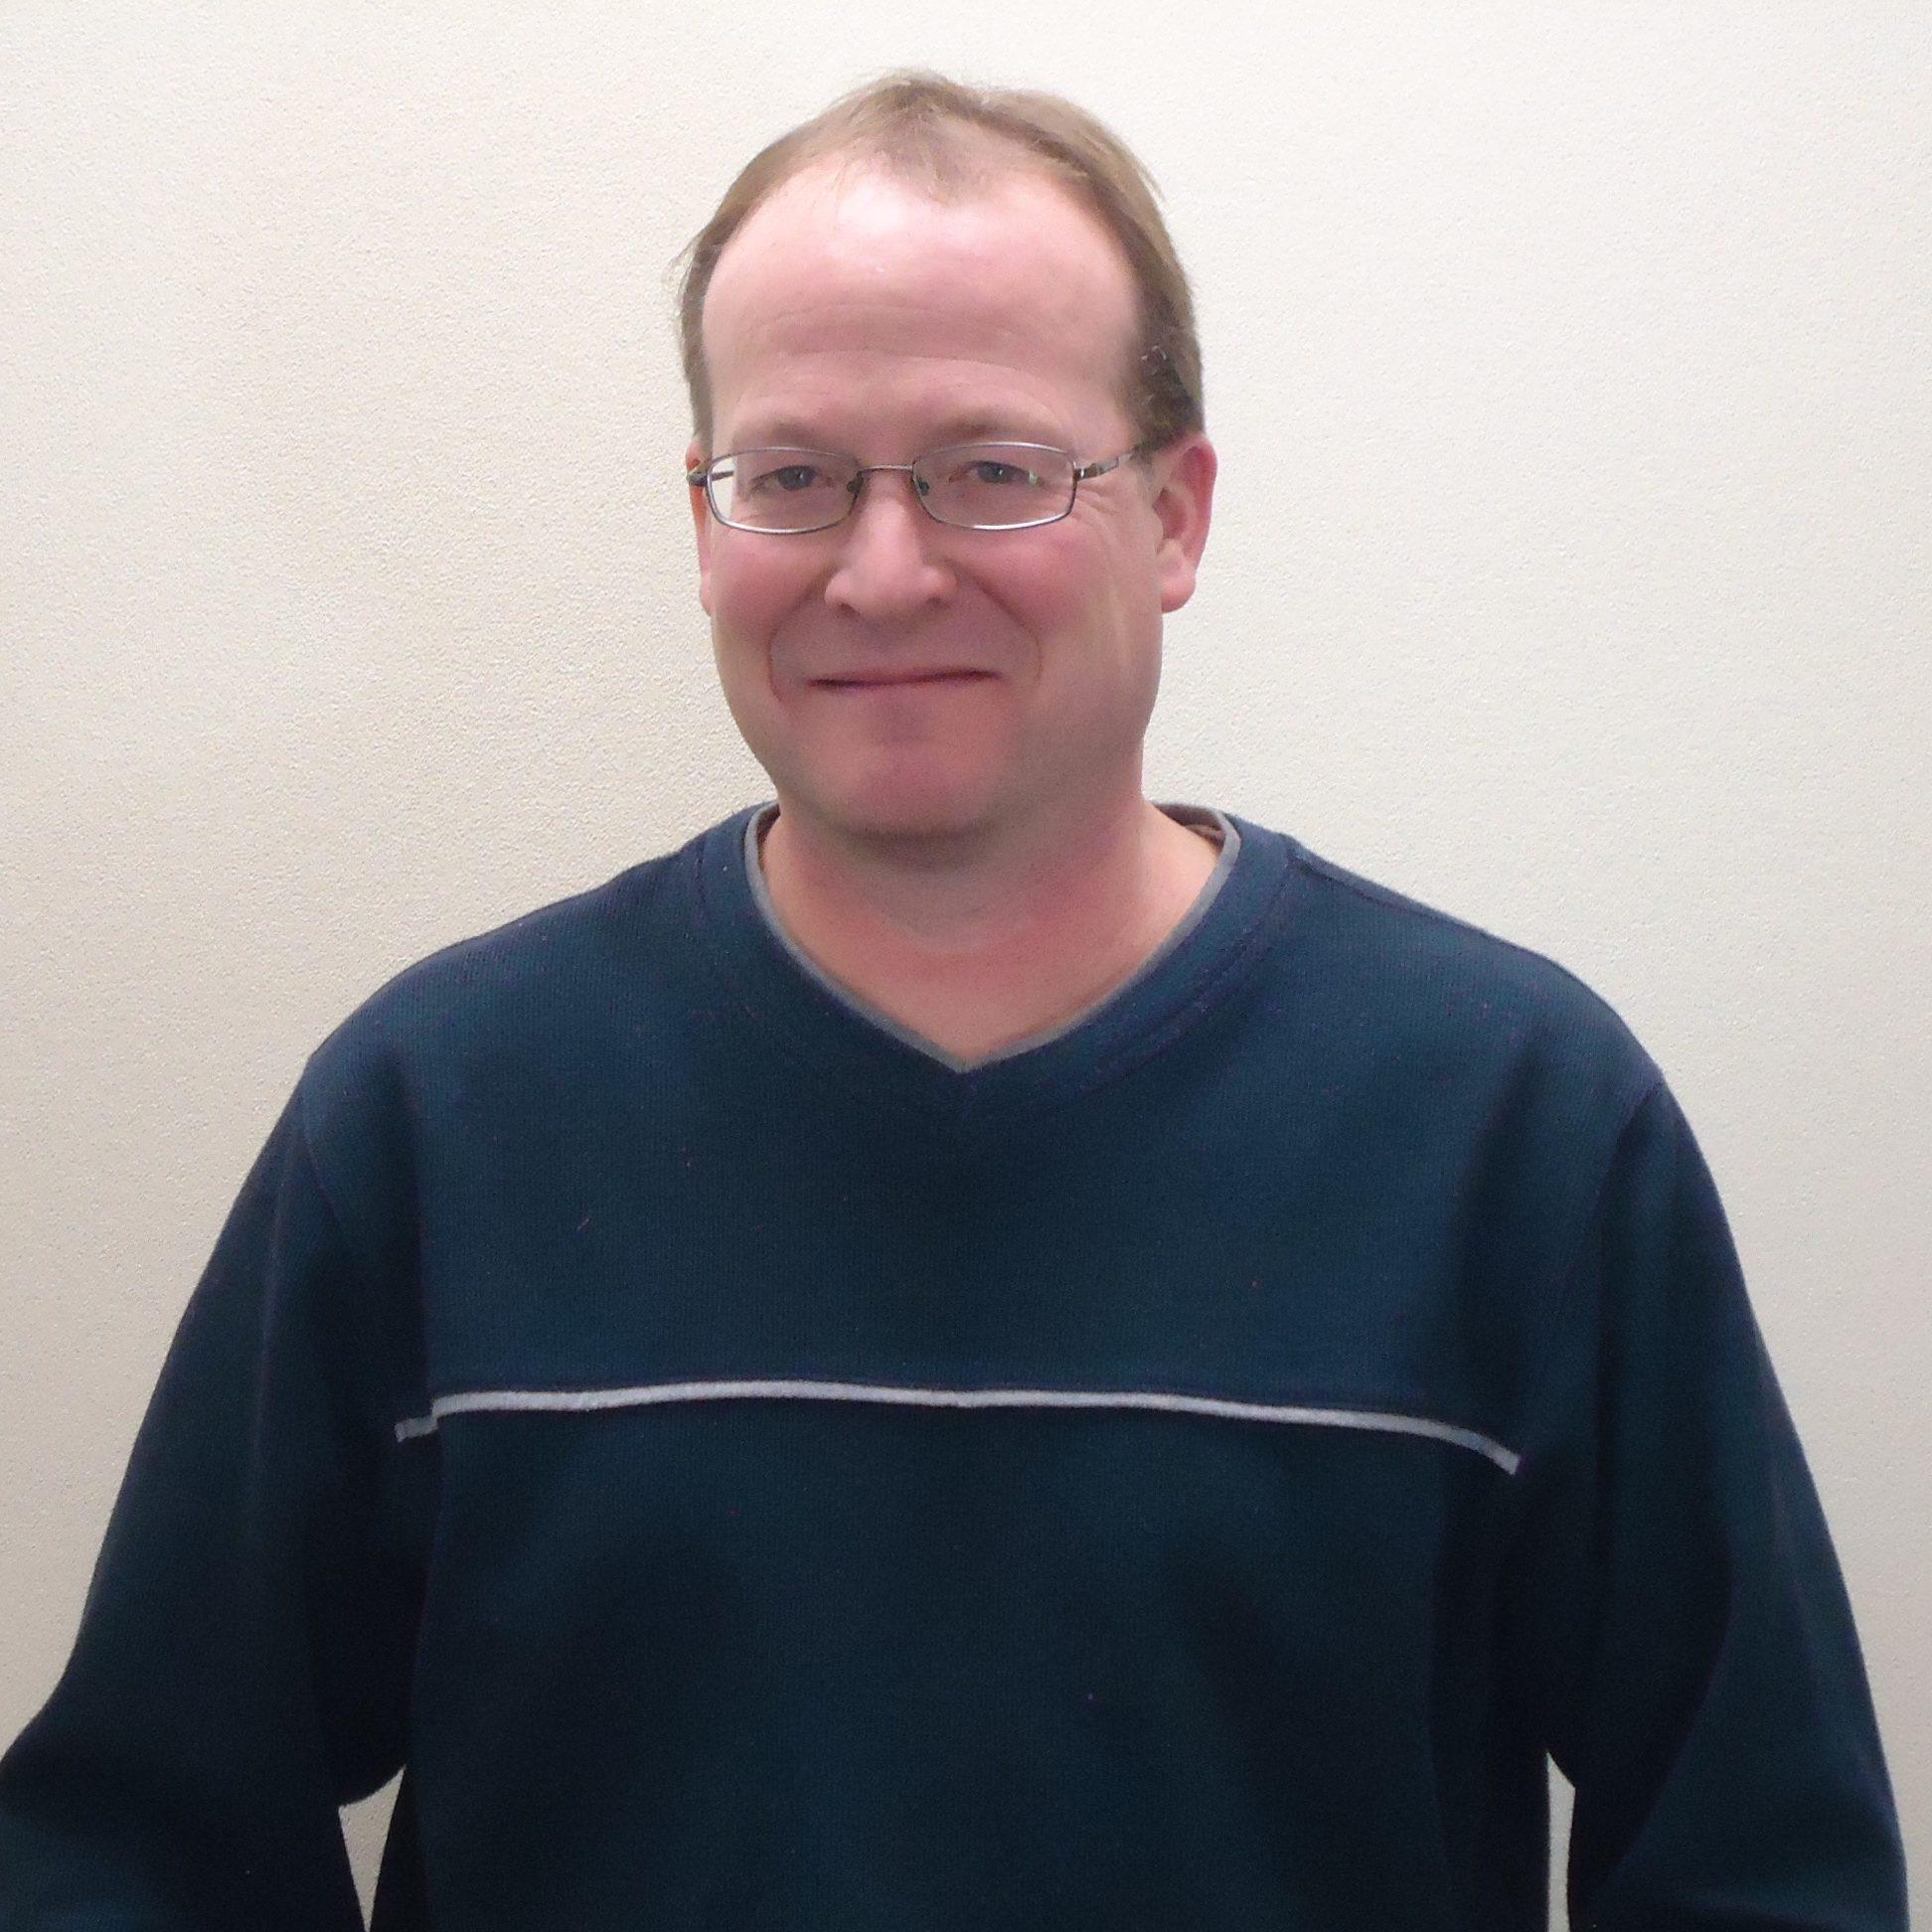 Chairman, Tristan Lundgren